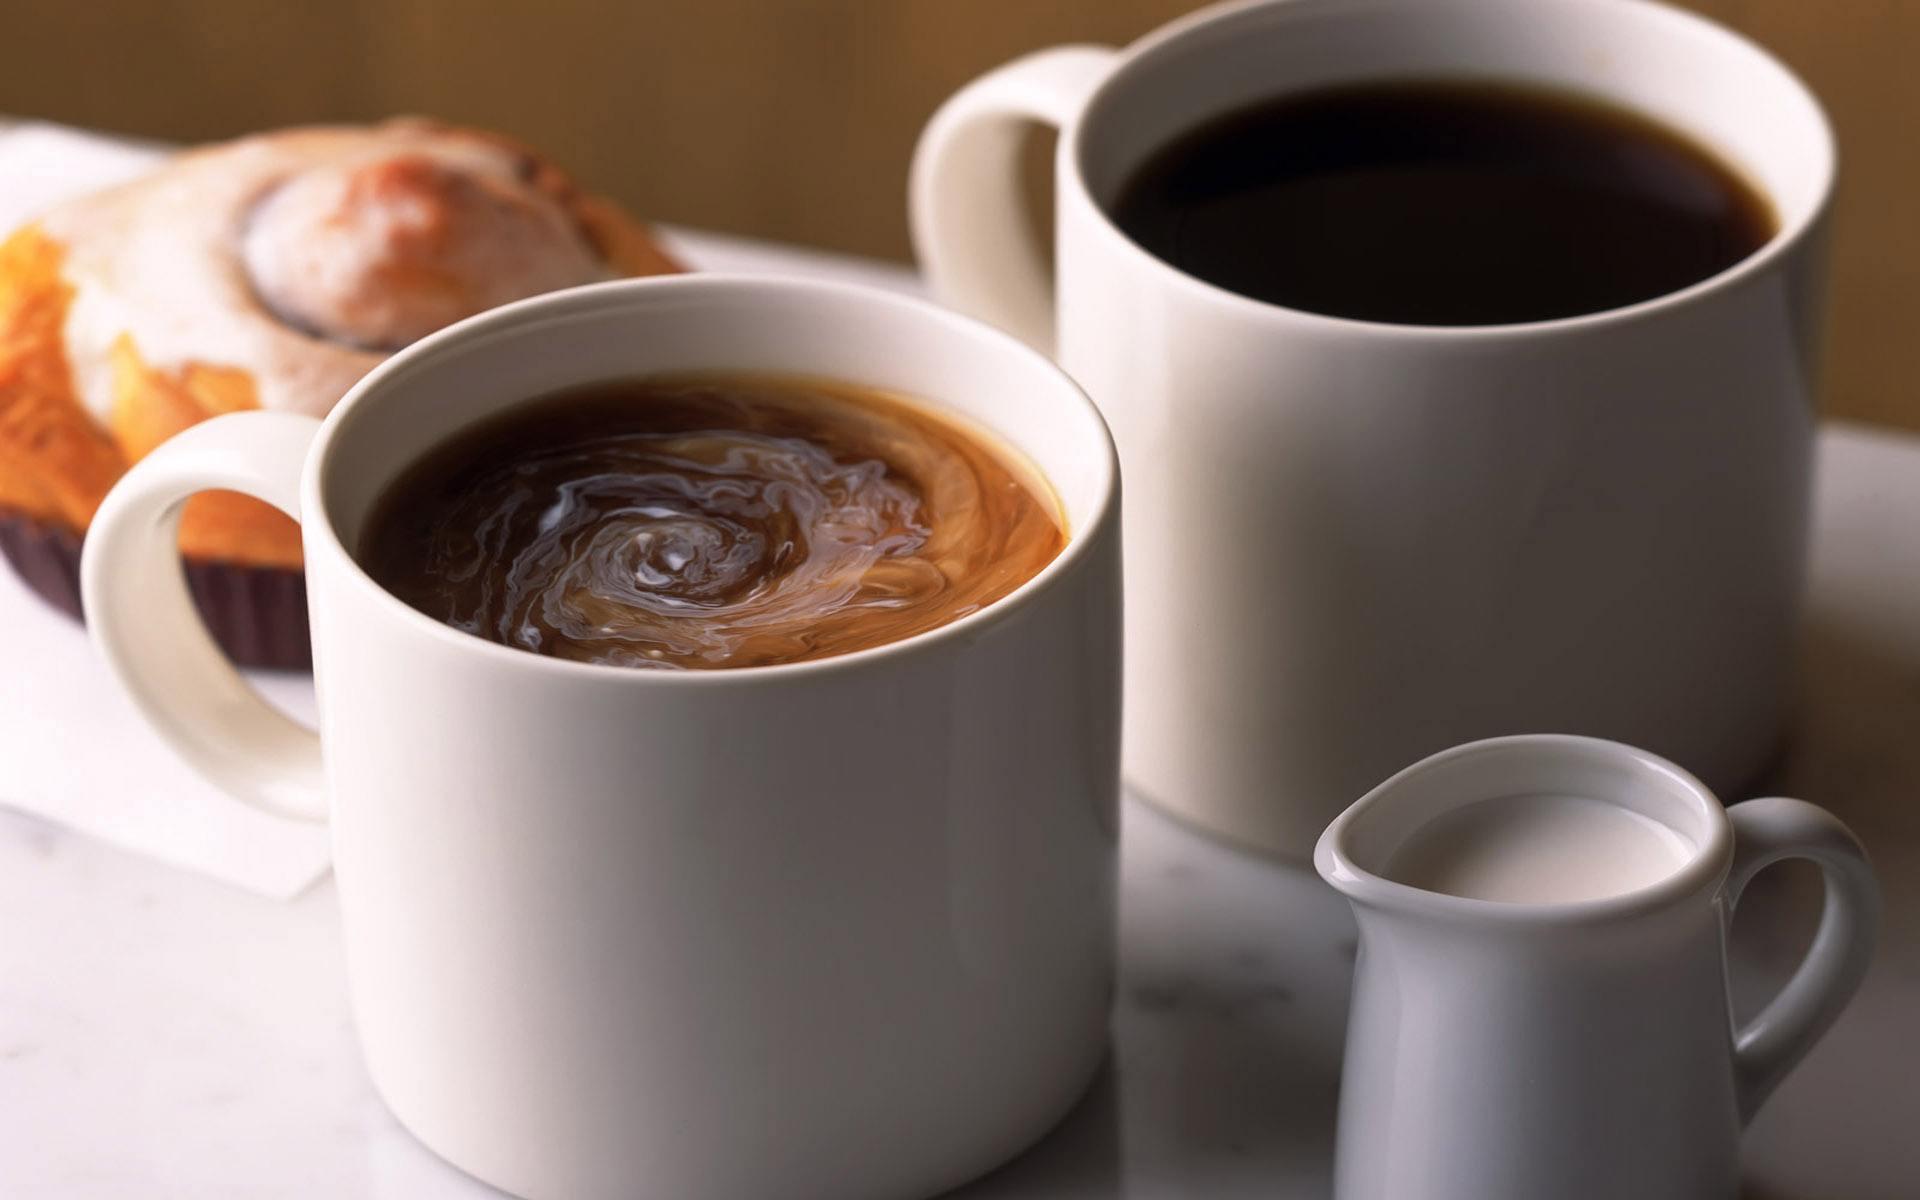 深度烘焙的咖啡有那些